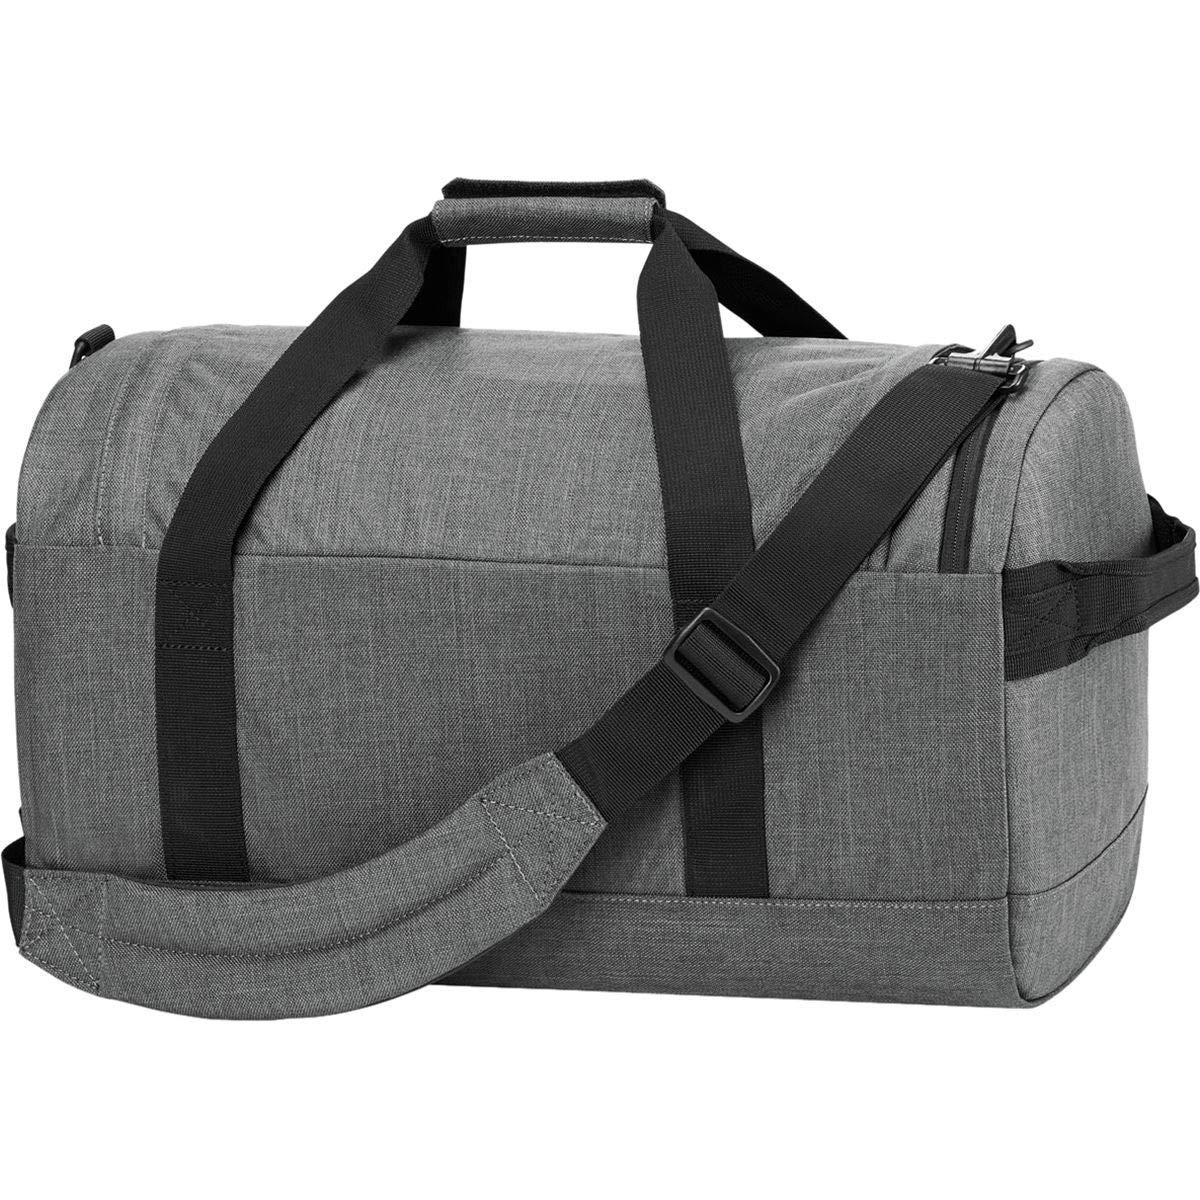 [ダカイン DAKINE] メンズ バッグ ボストンバッグ EQ 35L Duffel Bag [並行輸入品] No-Size  B07GQWM3T6